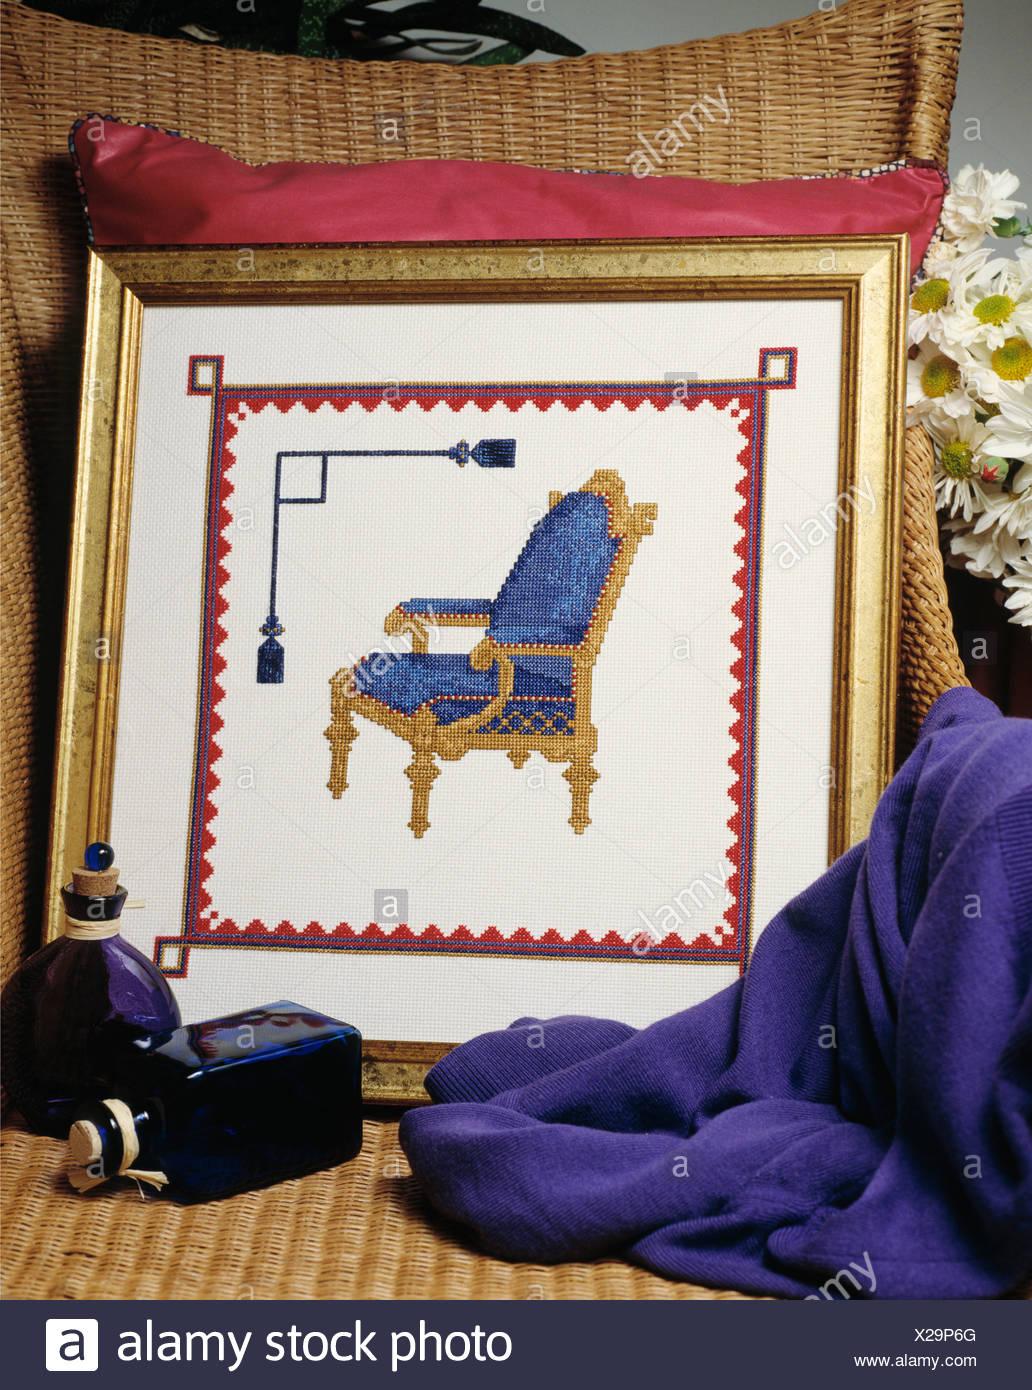 Nahaufnahme von Wicker Sessel mit gerahmten Kreuzstich Bild der ...